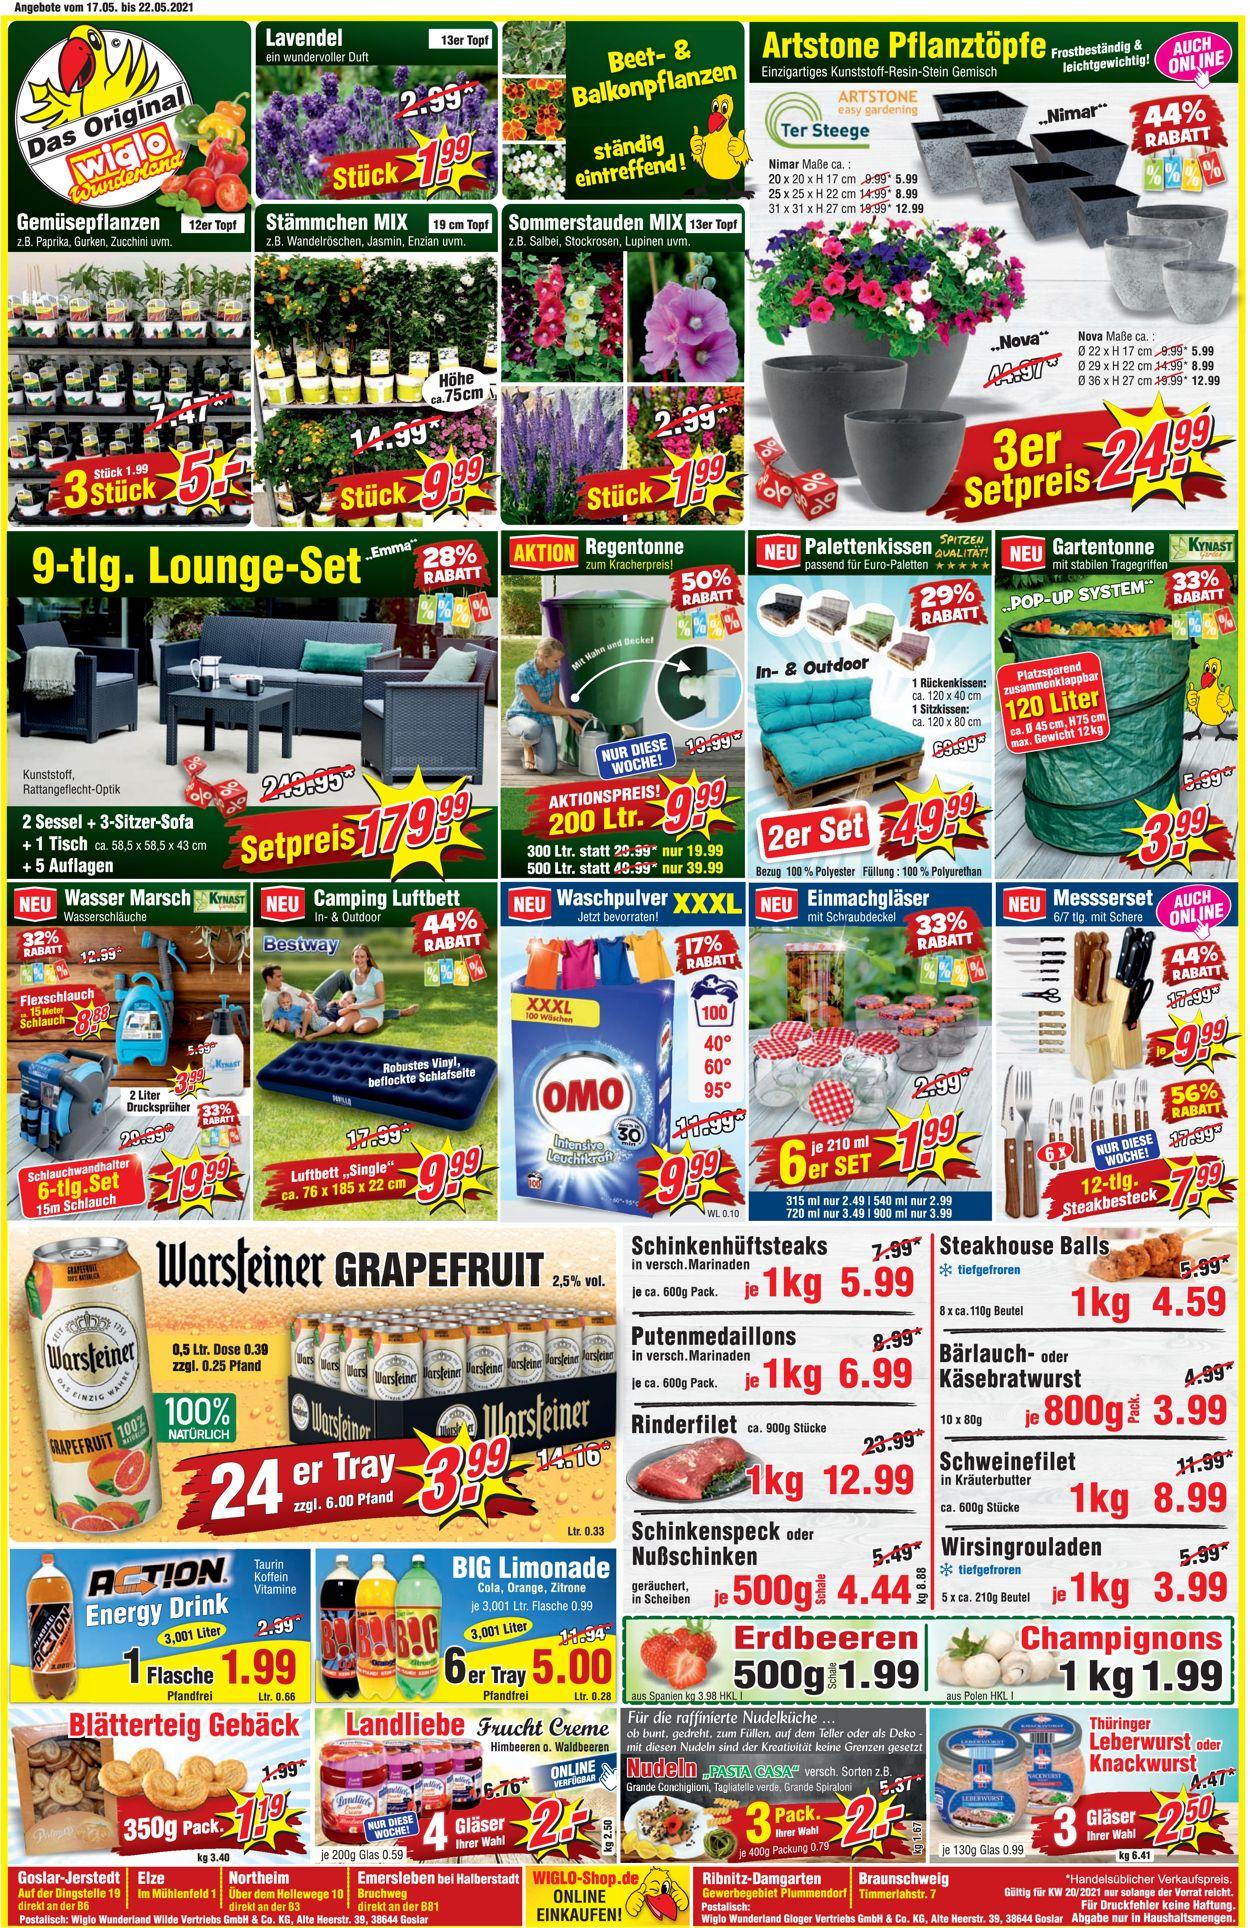 Wiglo Wunderland Prospekt - Aktuell vom 17.05-22.05.2021